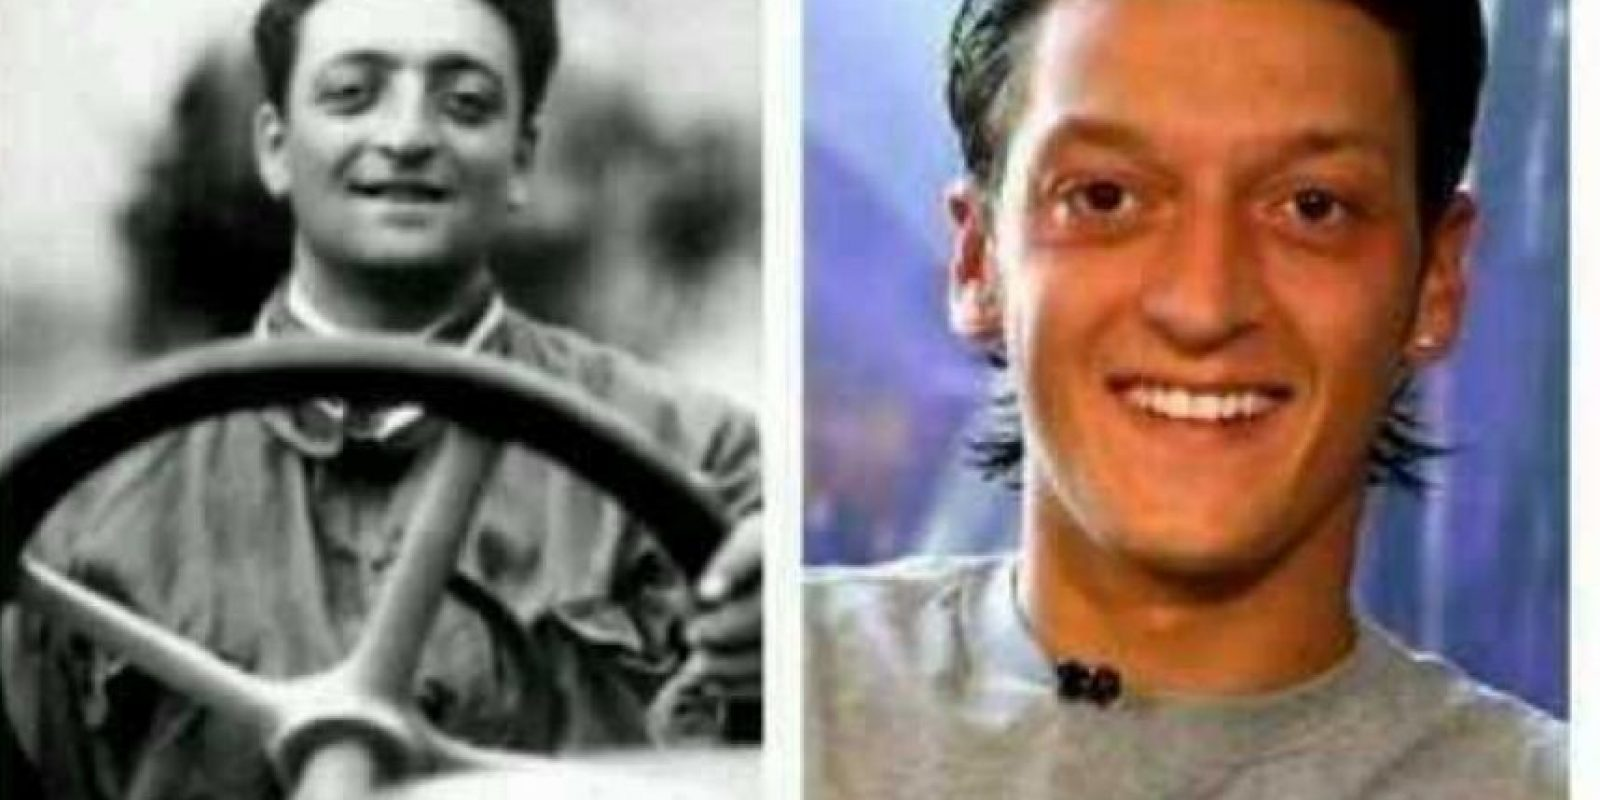 Su parecido con el fundador de la escudería del Cavallino Rampante, Enzo Ferrari, es increíble Foto:Twitter